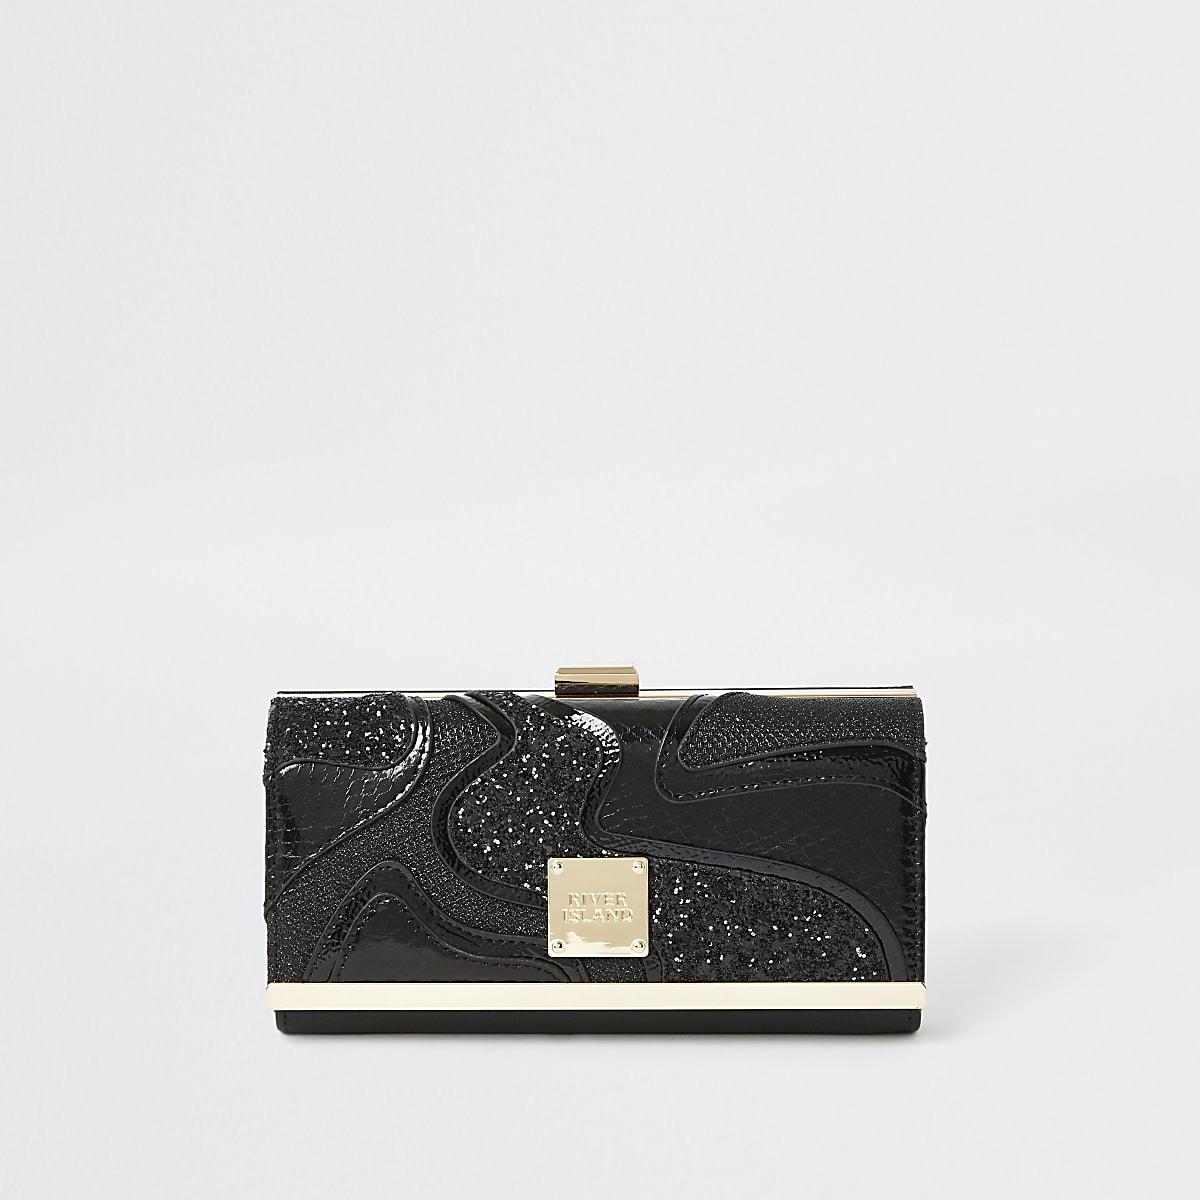 Porte-monnaie noir pailleté avec empiècements à paillettes et fermoir clip